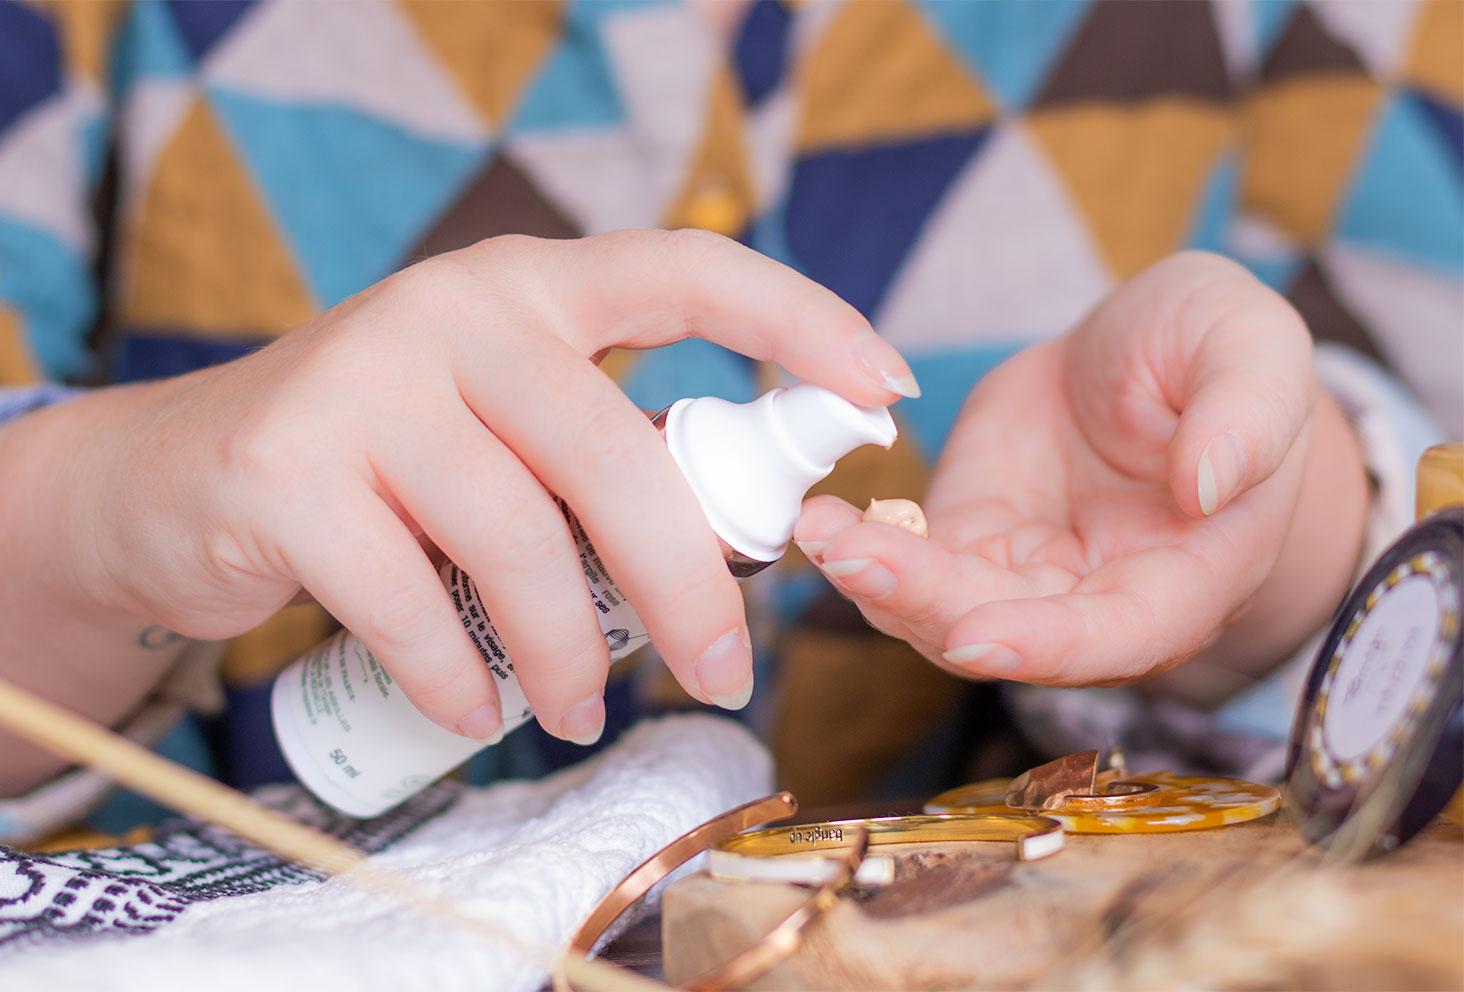 Zoom sur la texture dorée du masque éclat visage de Folies Royales sur le bout des doigts en pleine utilisation